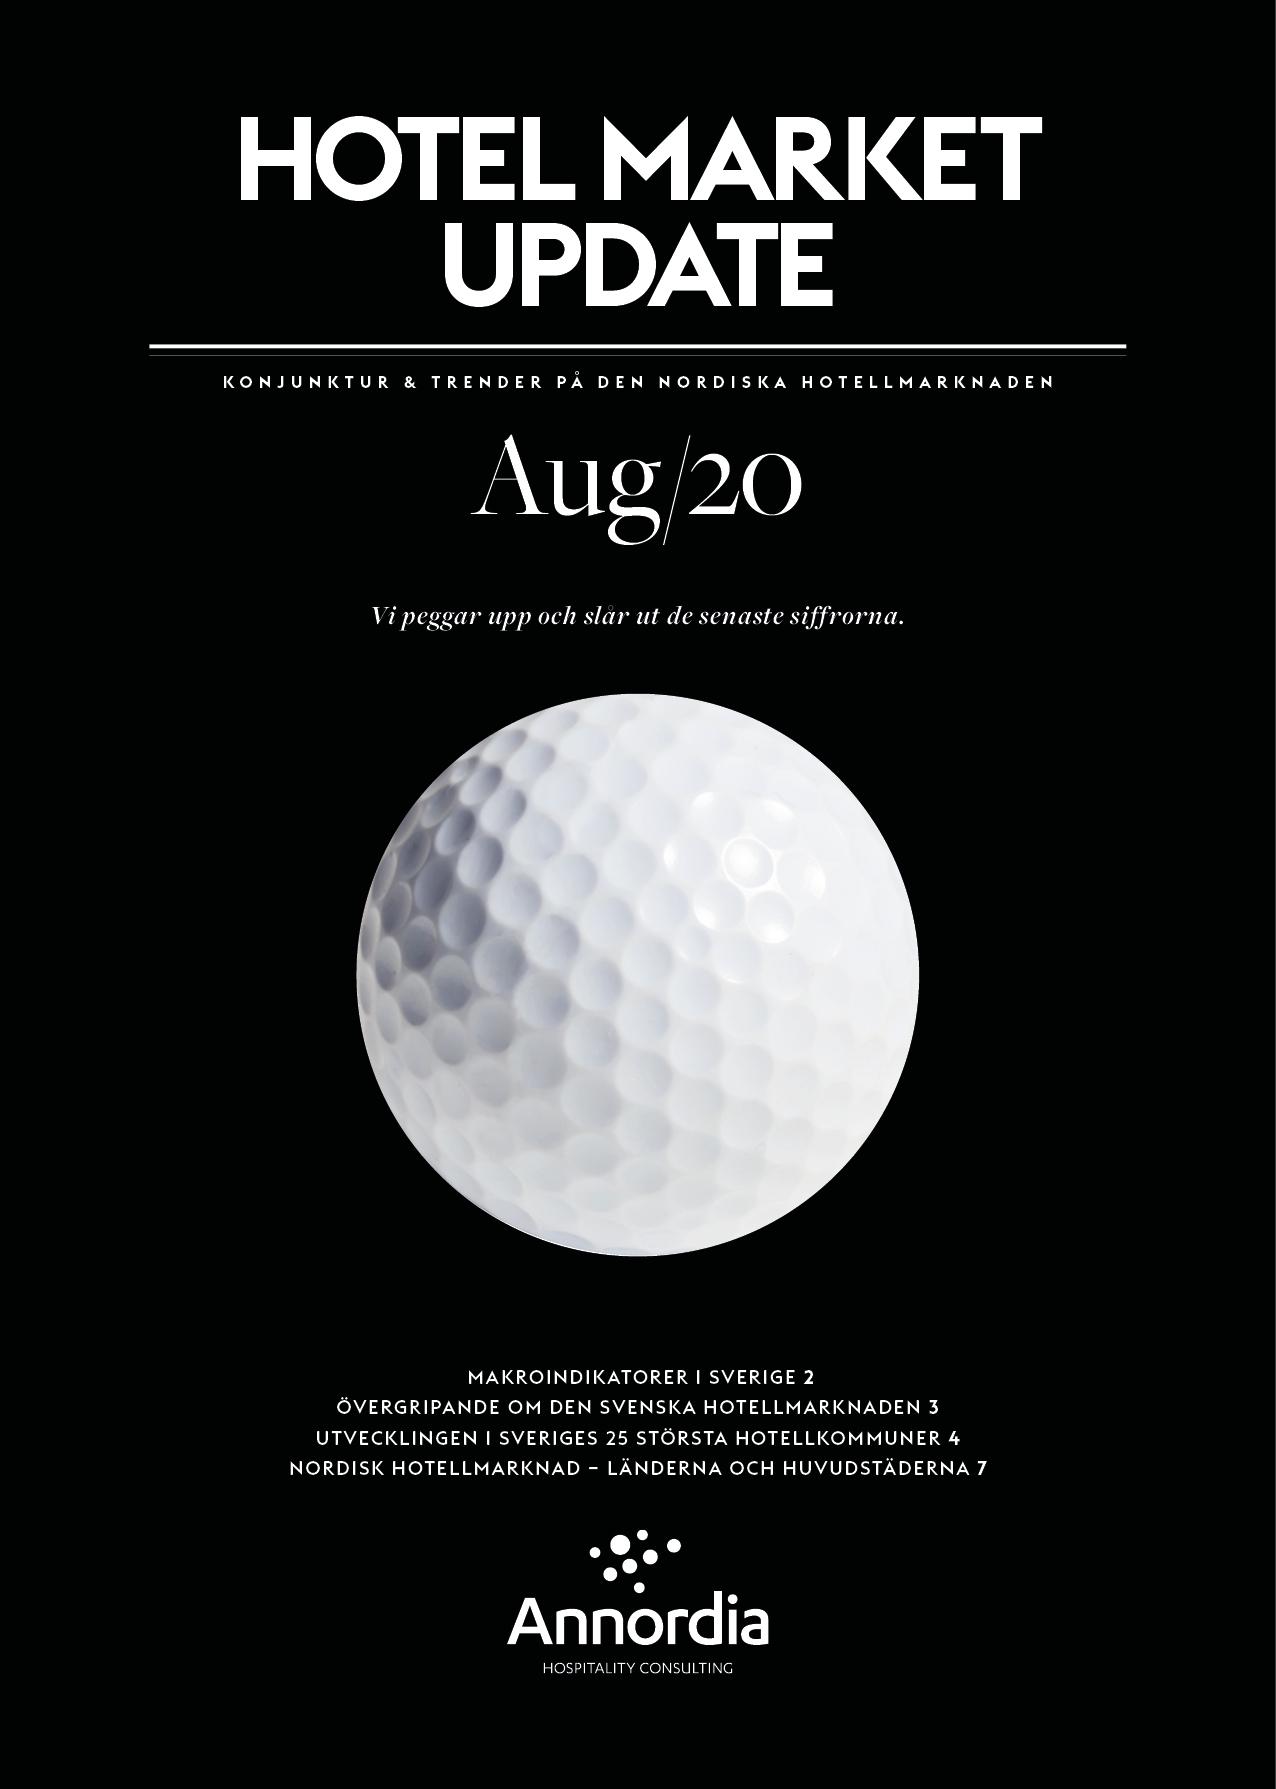 Hotel Market Update Annordia AUGUSTI 2020 p1